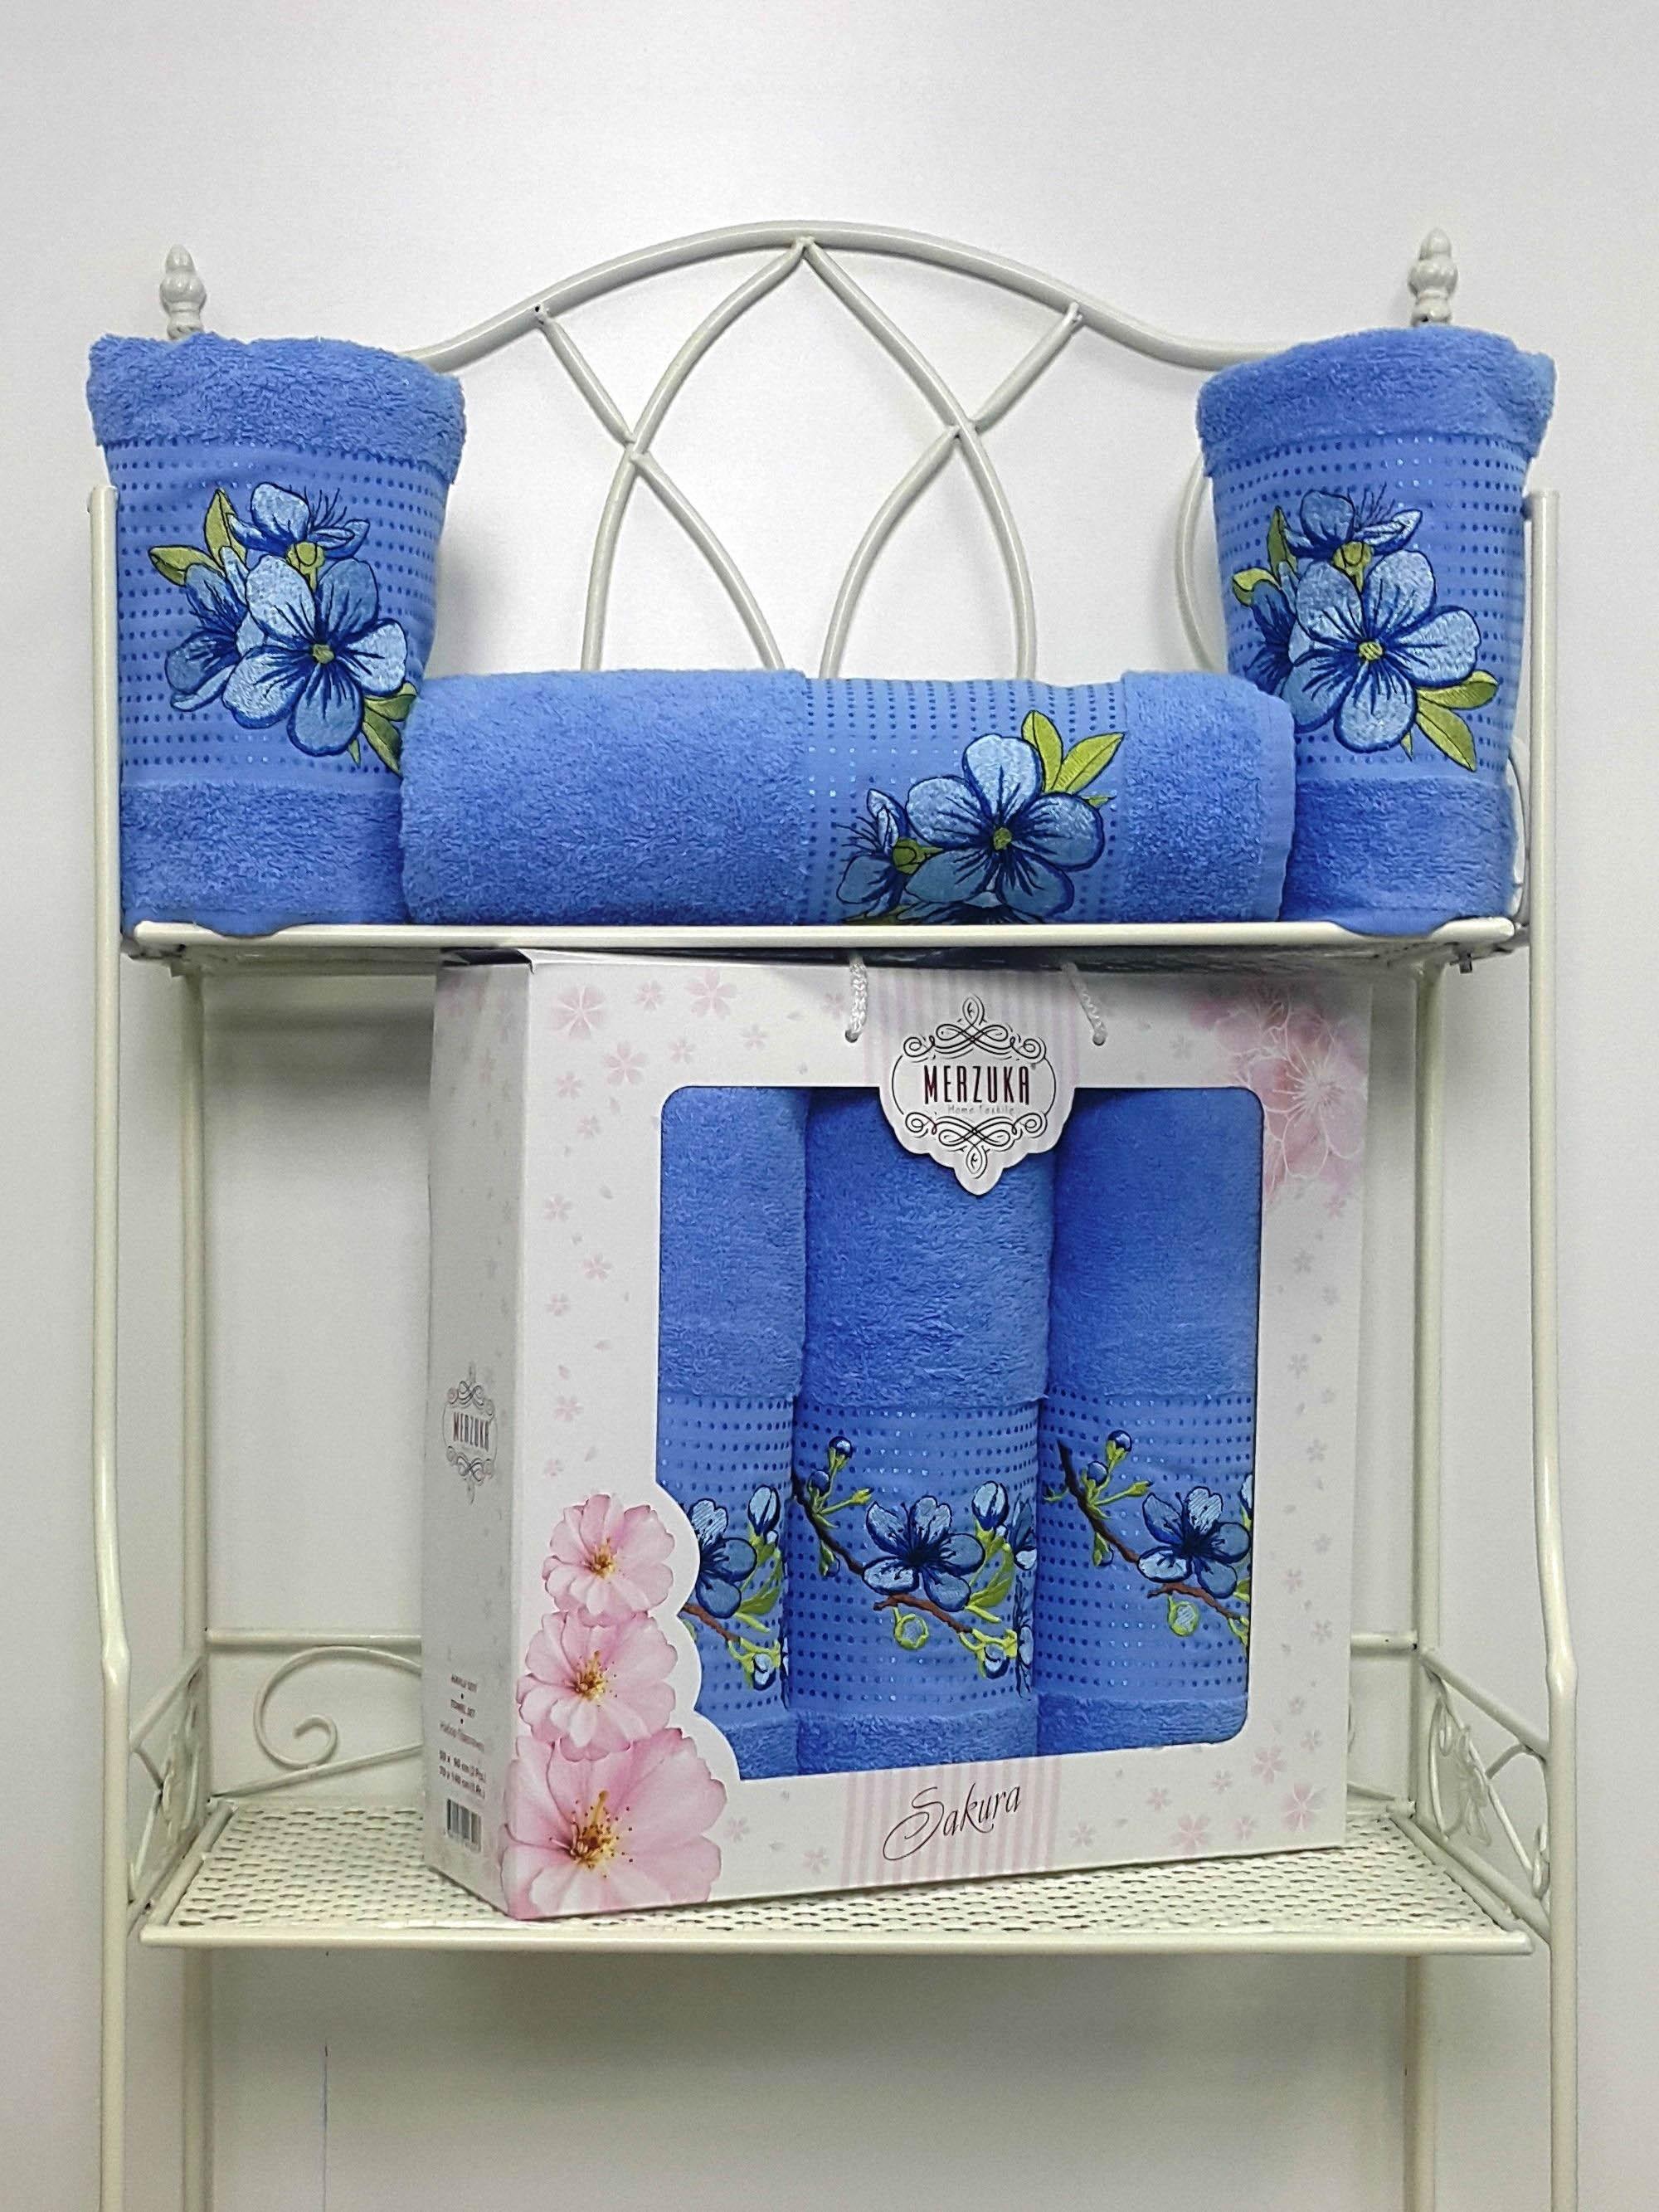 Полотенца Oran Merzuka Полотенце Sakura Цвет: Голубой (Набор) набор из 3 полотенец merzuka sakura 50х90 2 70х140 8432 розовый